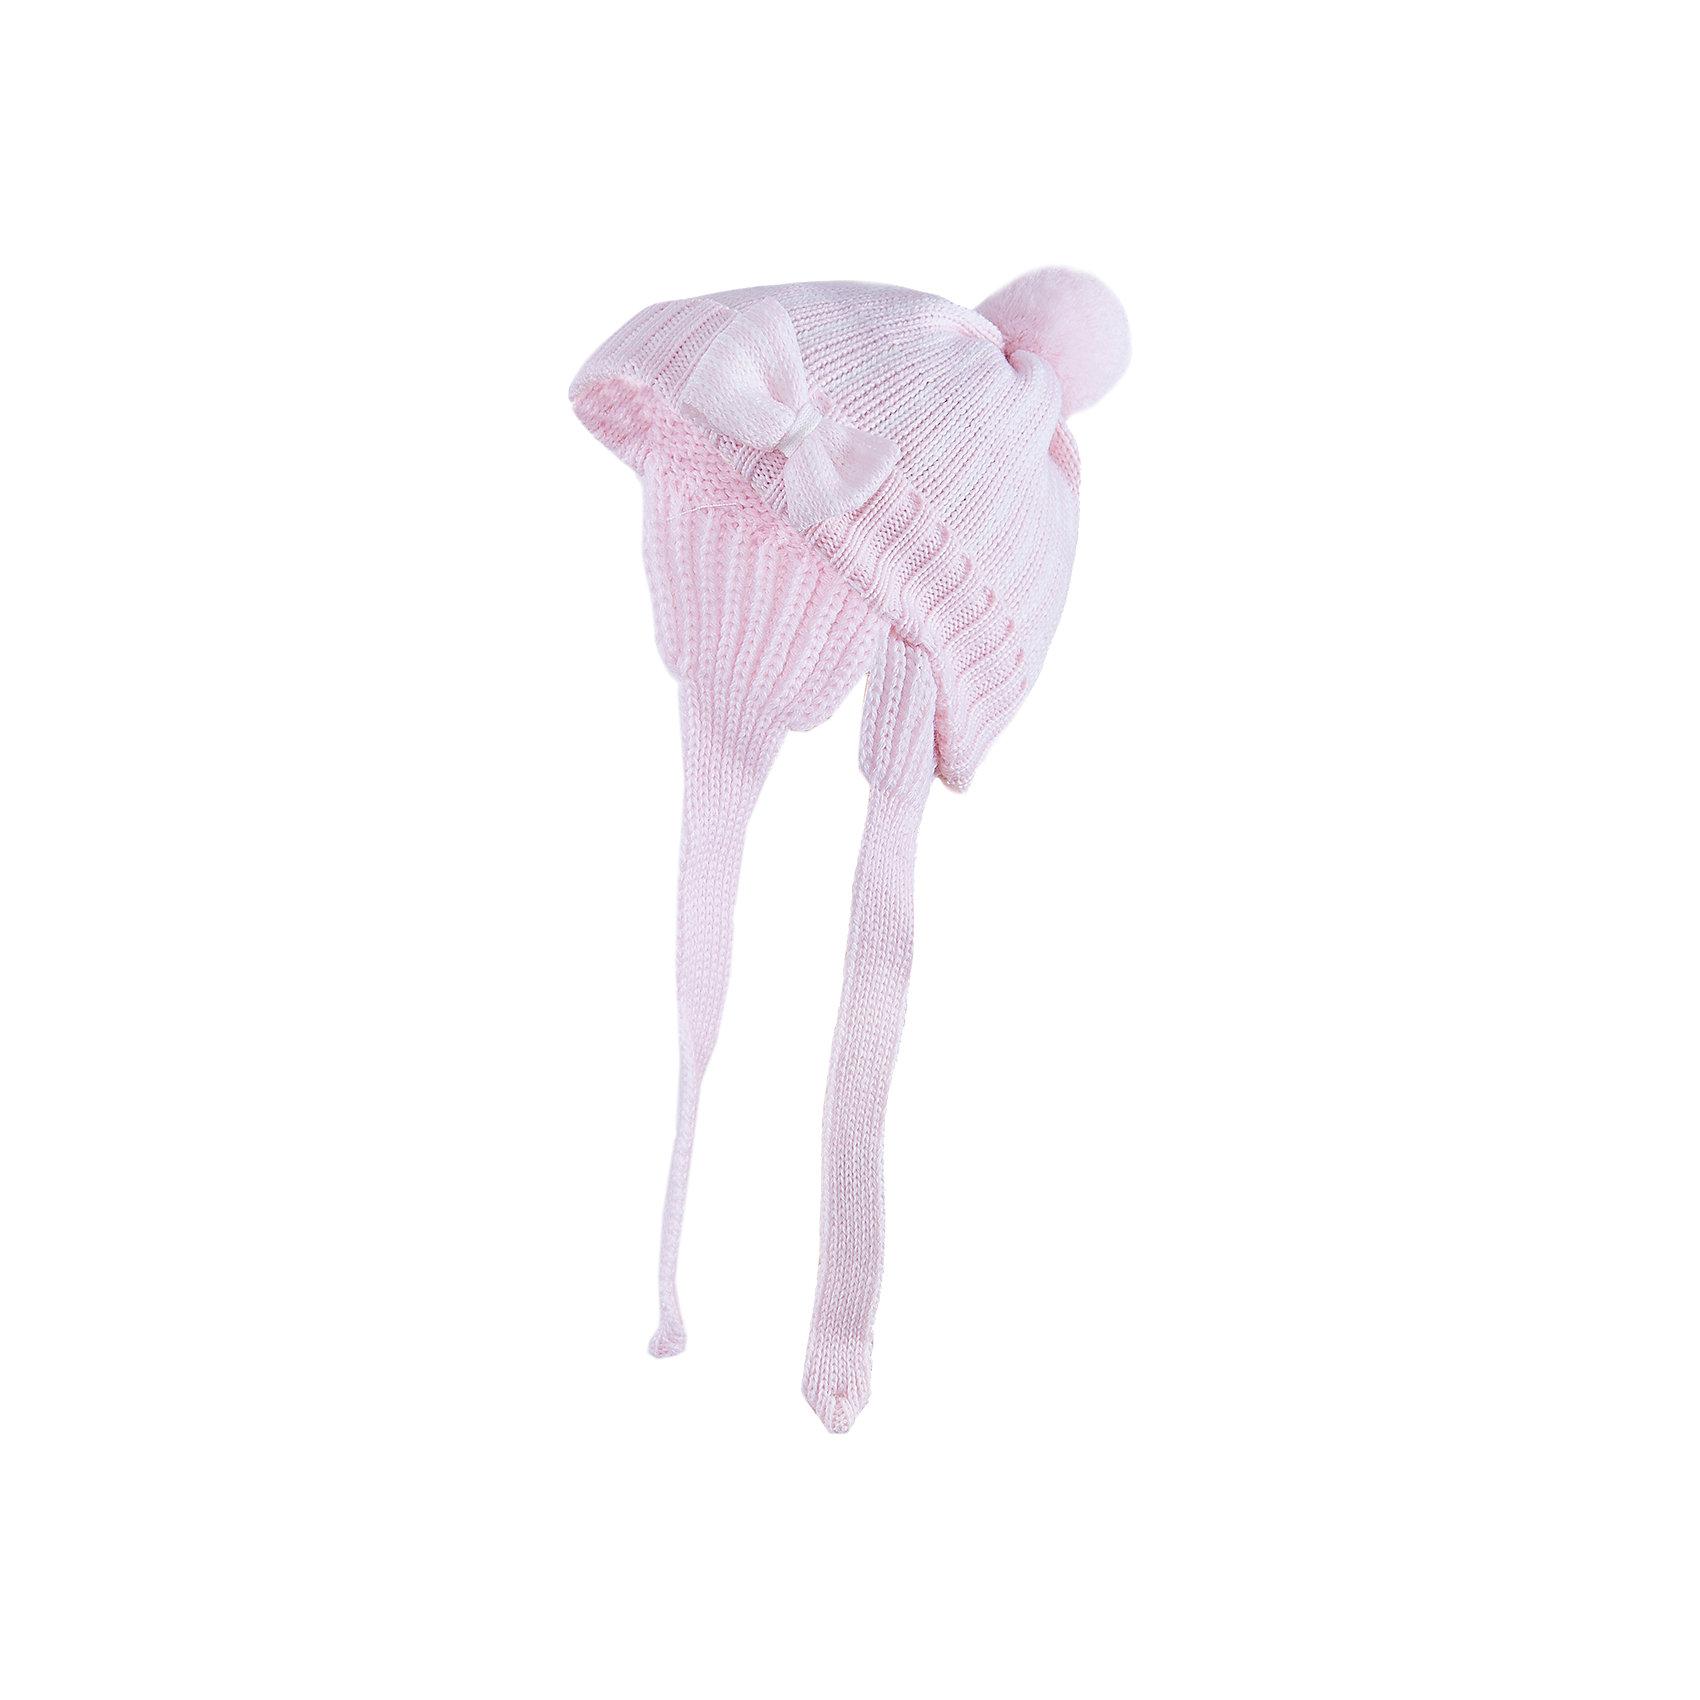 Шапка для девочки АртельГоловные уборы<br>Шапка для девочки от торговой марки Артель <br><br>Удобная и модная шапка отлично смотрится на детях и комфортно сидит. Изделие выполнено из натуральной шерсти. Отличный вариант для переменной погоды межсезонья! <br>Одежда от бренда Артель – это высокое качество по приемлемой цене и всегда продуманный дизайн. <br><br>Особенности модели: <br>- цвет — розовый; <br>- украшена бантом; <br>- есть завязки и бомбошка; <br>- натуральная шерсть. <br><br>Дополнительная информация: <br><br>Состав: 100% шерсть.<br><br><br>Температурный режим: <br>от -10 °C до +10 °C <br><br>Шапку для девочки Артель (Artel) можно купить в нашем магазине.<br><br>Ширина мм: 89<br>Глубина мм: 117<br>Высота мм: 44<br>Вес г: 155<br>Цвет: розовый<br>Возраст от месяцев: 60<br>Возраст до месяцев: 72<br>Пол: Женский<br>Возраст: Детский<br>Размер: 52,50,46,44,48<br>SKU: 4500546